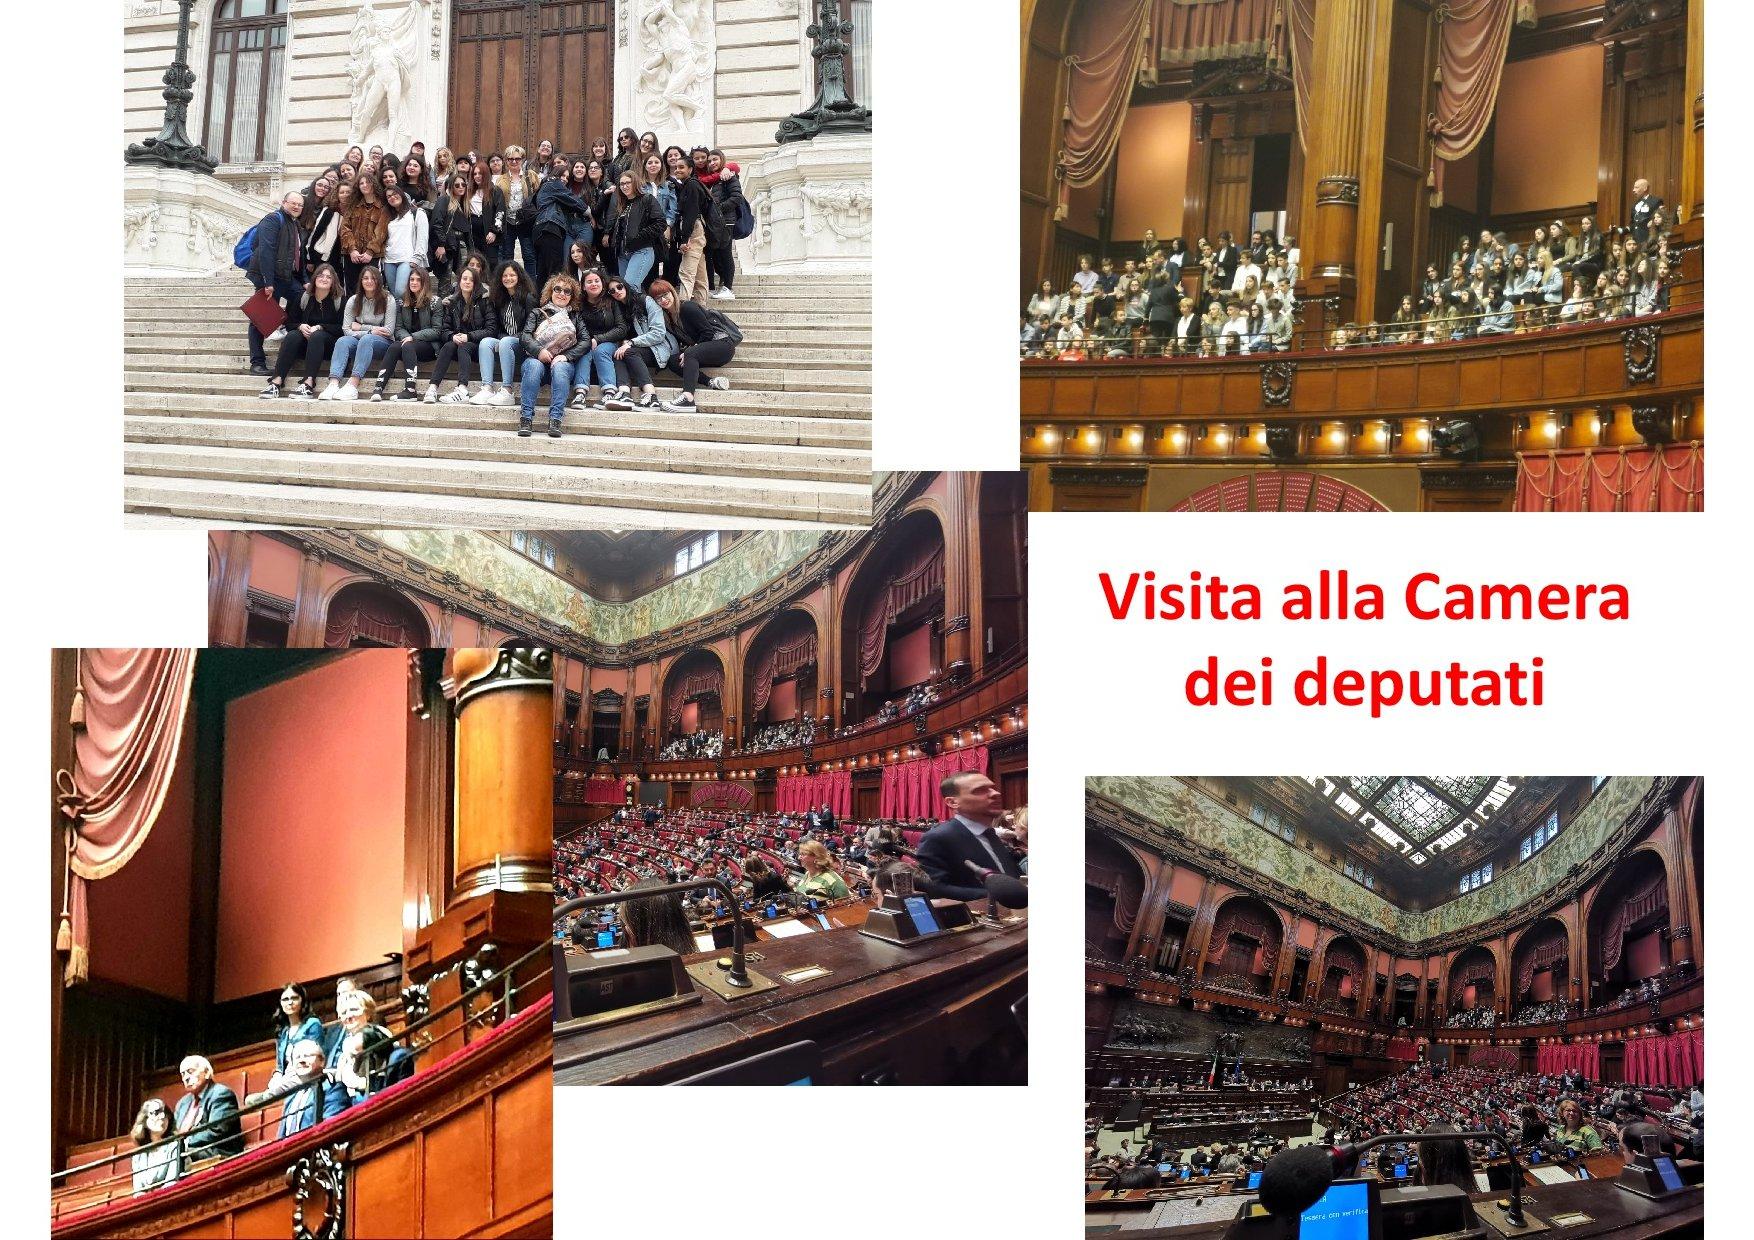 Visita alla Camera dei deputati